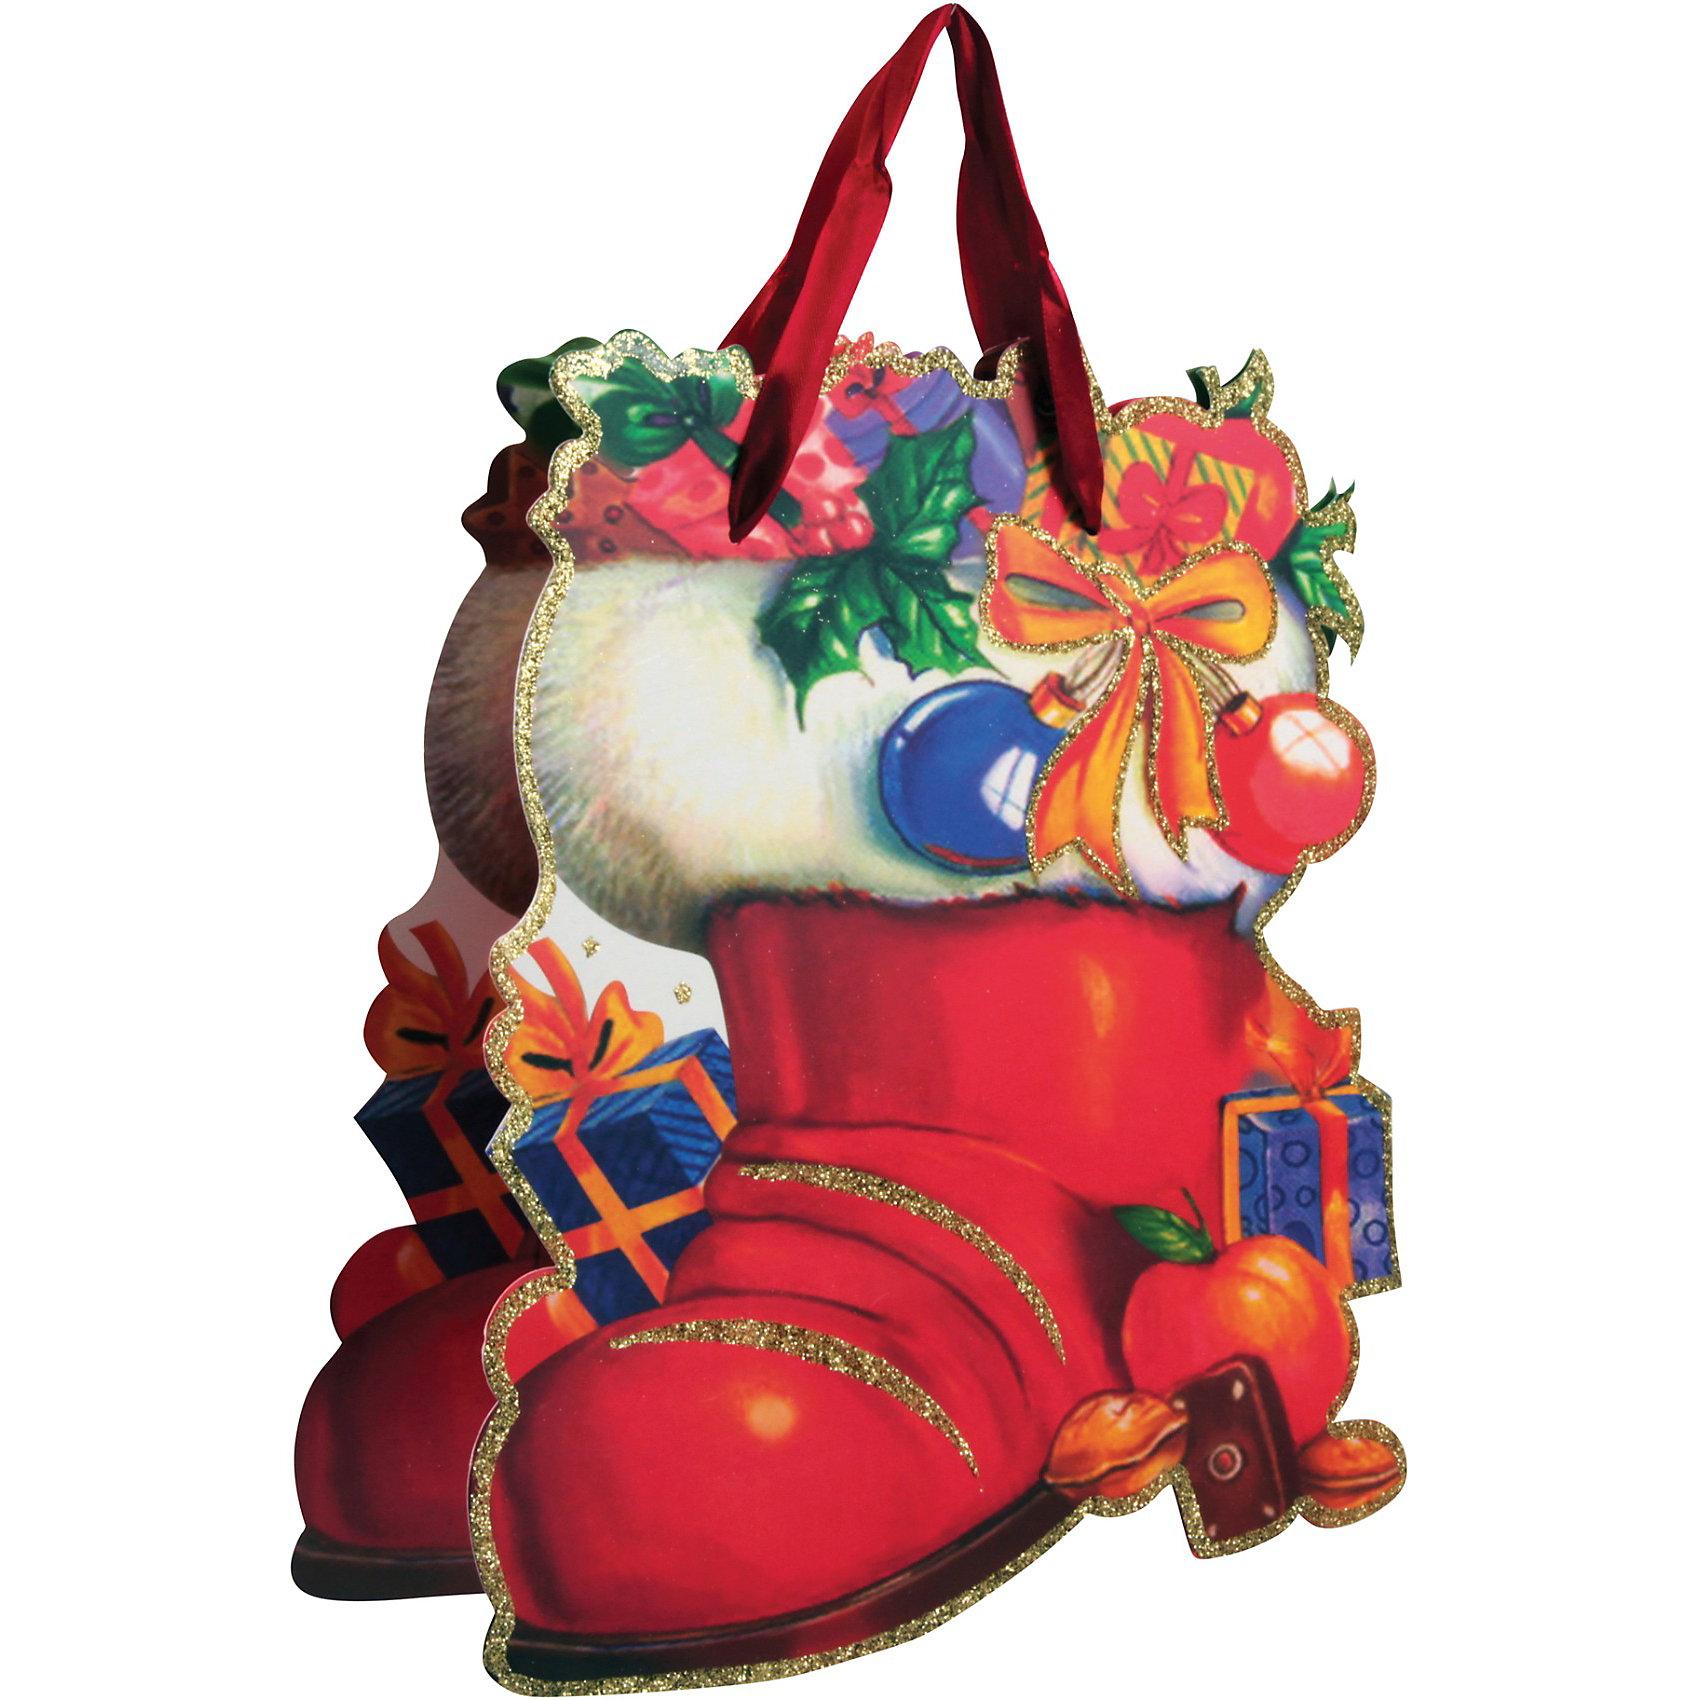 Подарочный пакет в ассортиментеВсё для праздника<br>Подарочный пакет – это необычный пакет с новогодним принтом.<br>Яркий пакет подойдет для оформления подарка любимому и близкому человеку на Новый год. Упаковка дополнит приятную праздничную атмосферу и подчеркнёт значимость события. Праздничный аксессуар с добрым рисунком на новогоднюю тематику станет достойным украшением любого подарка.<br><br>Дополнительная информация:<br><br>- Размер: 28х8х28см.<br><br>Подарочный пакет можно купить в нашем интернет-магазине.<br><br>Ширина мм: 280<br>Глубина мм: 80<br>Высота мм: 280<br>Вес г: 65<br>Возраст от месяцев: 60<br>Возраст до месяцев: 180<br>Пол: Унисекс<br>Возраст: Детский<br>SKU: 3893685